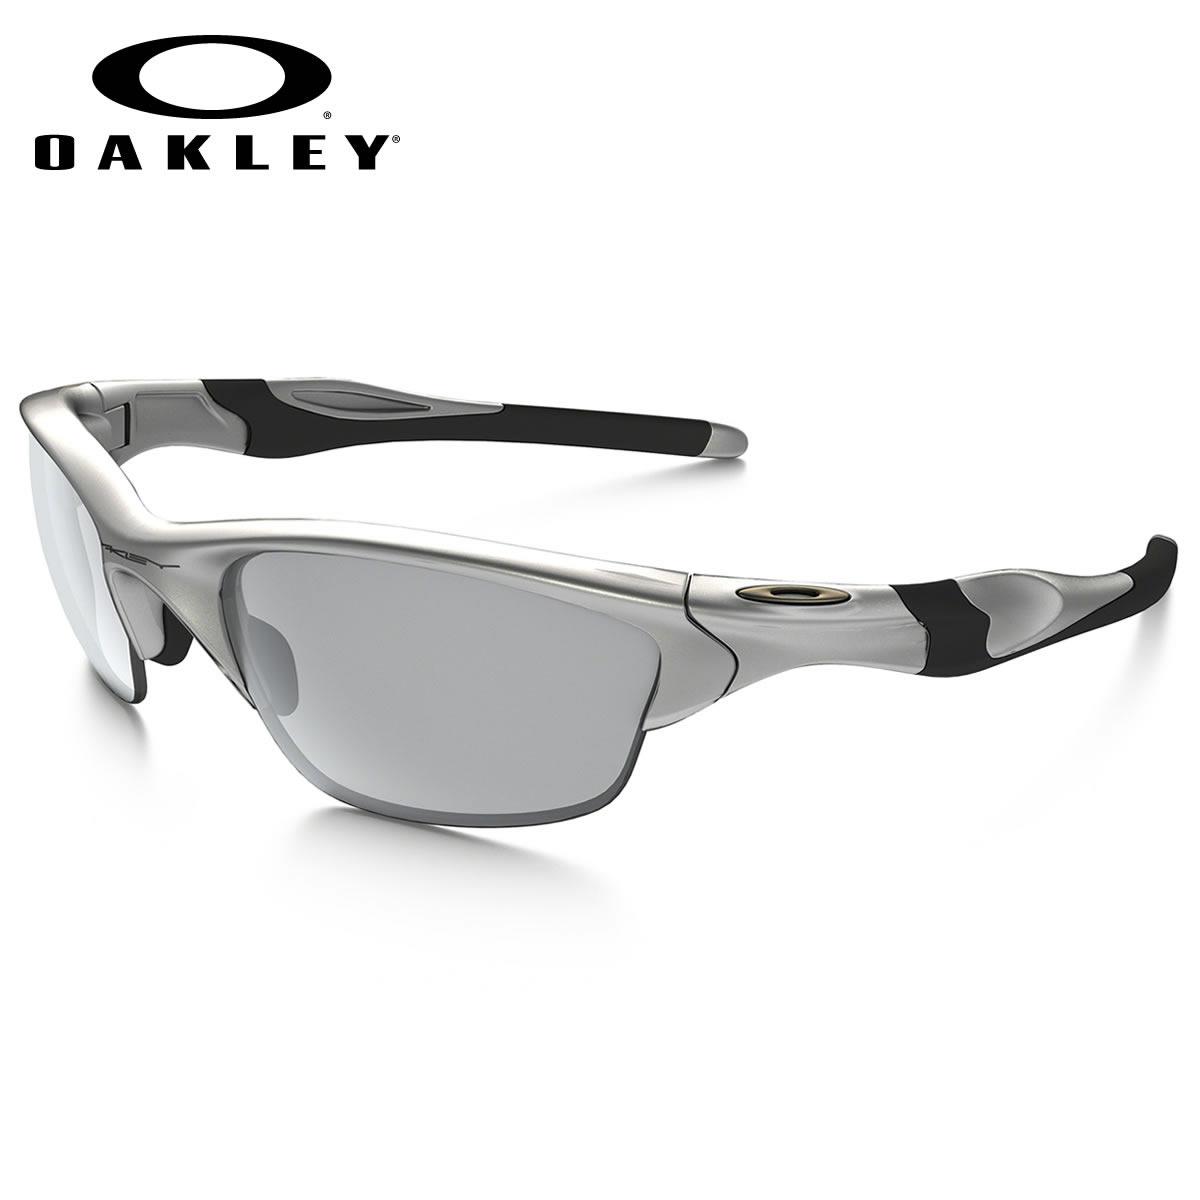 オークリー サングラス ハーフジャケット2.0 OAKLEY OO9153-02 HALF JACKET 2.0 ASIA FIT Silver / Slate Iridium オークレー アジアンフィット ミラー メンズ レディース